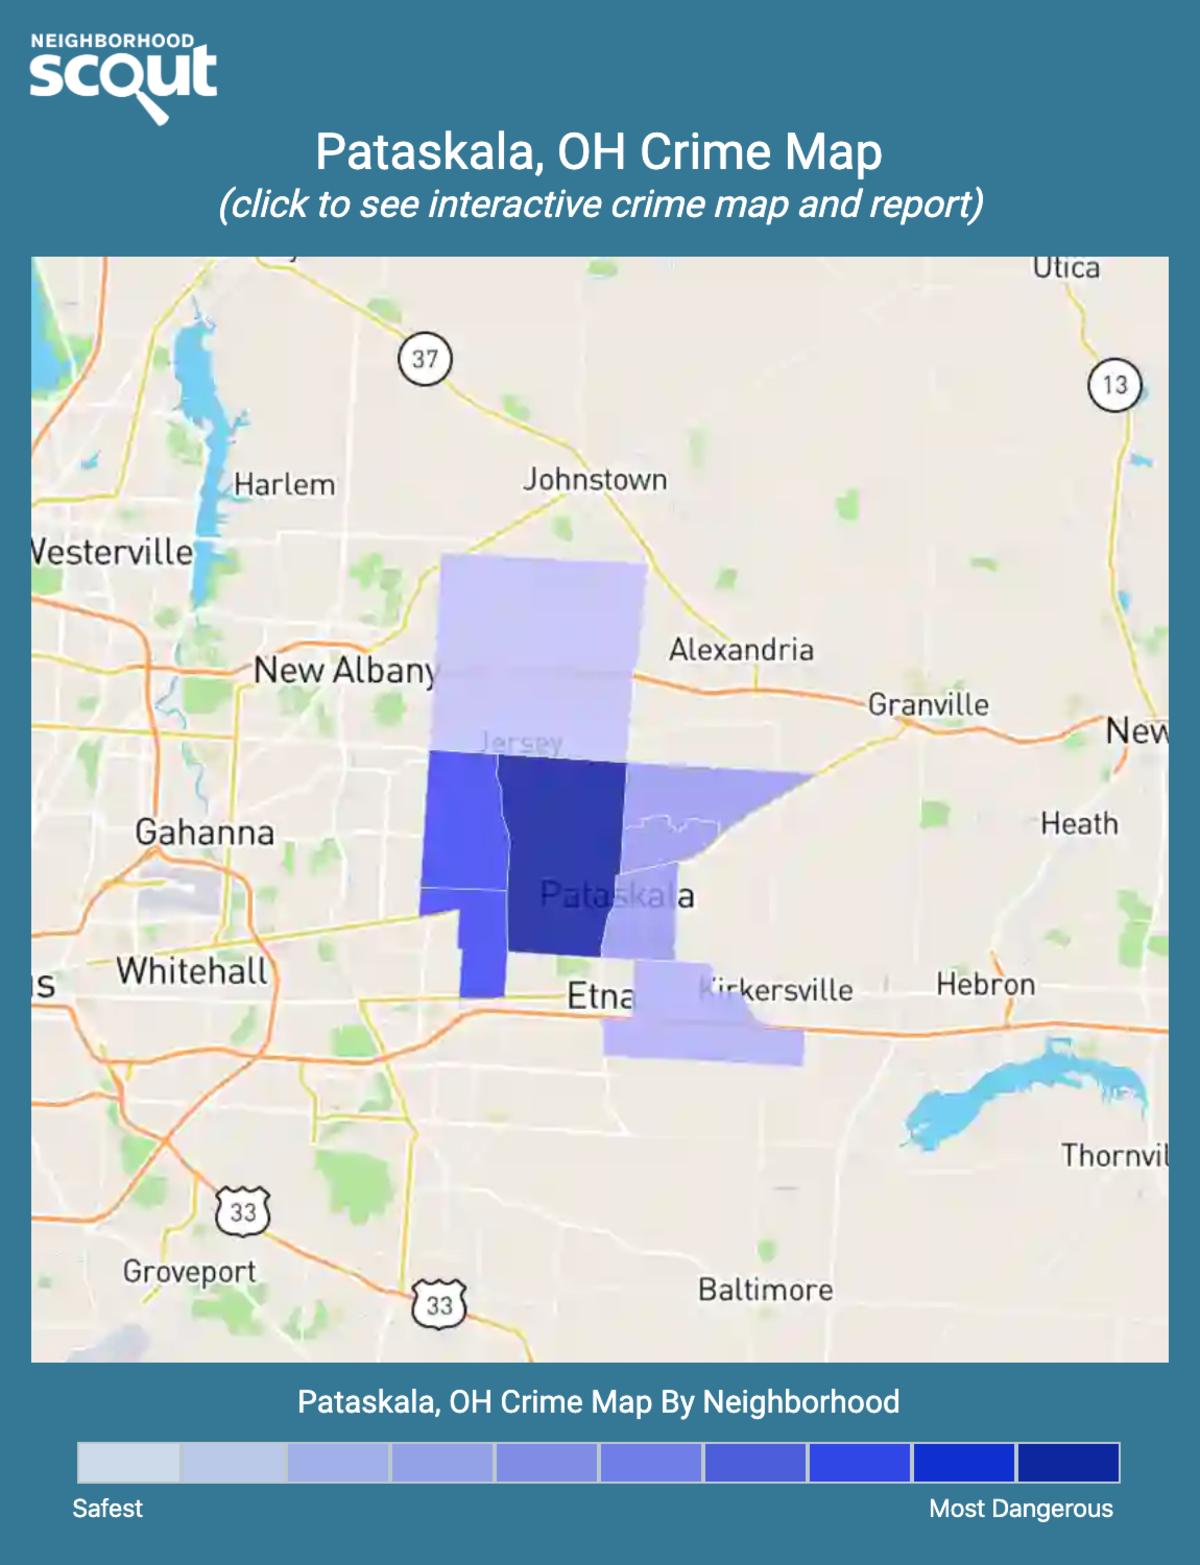 Pataskala, Ohio crime map